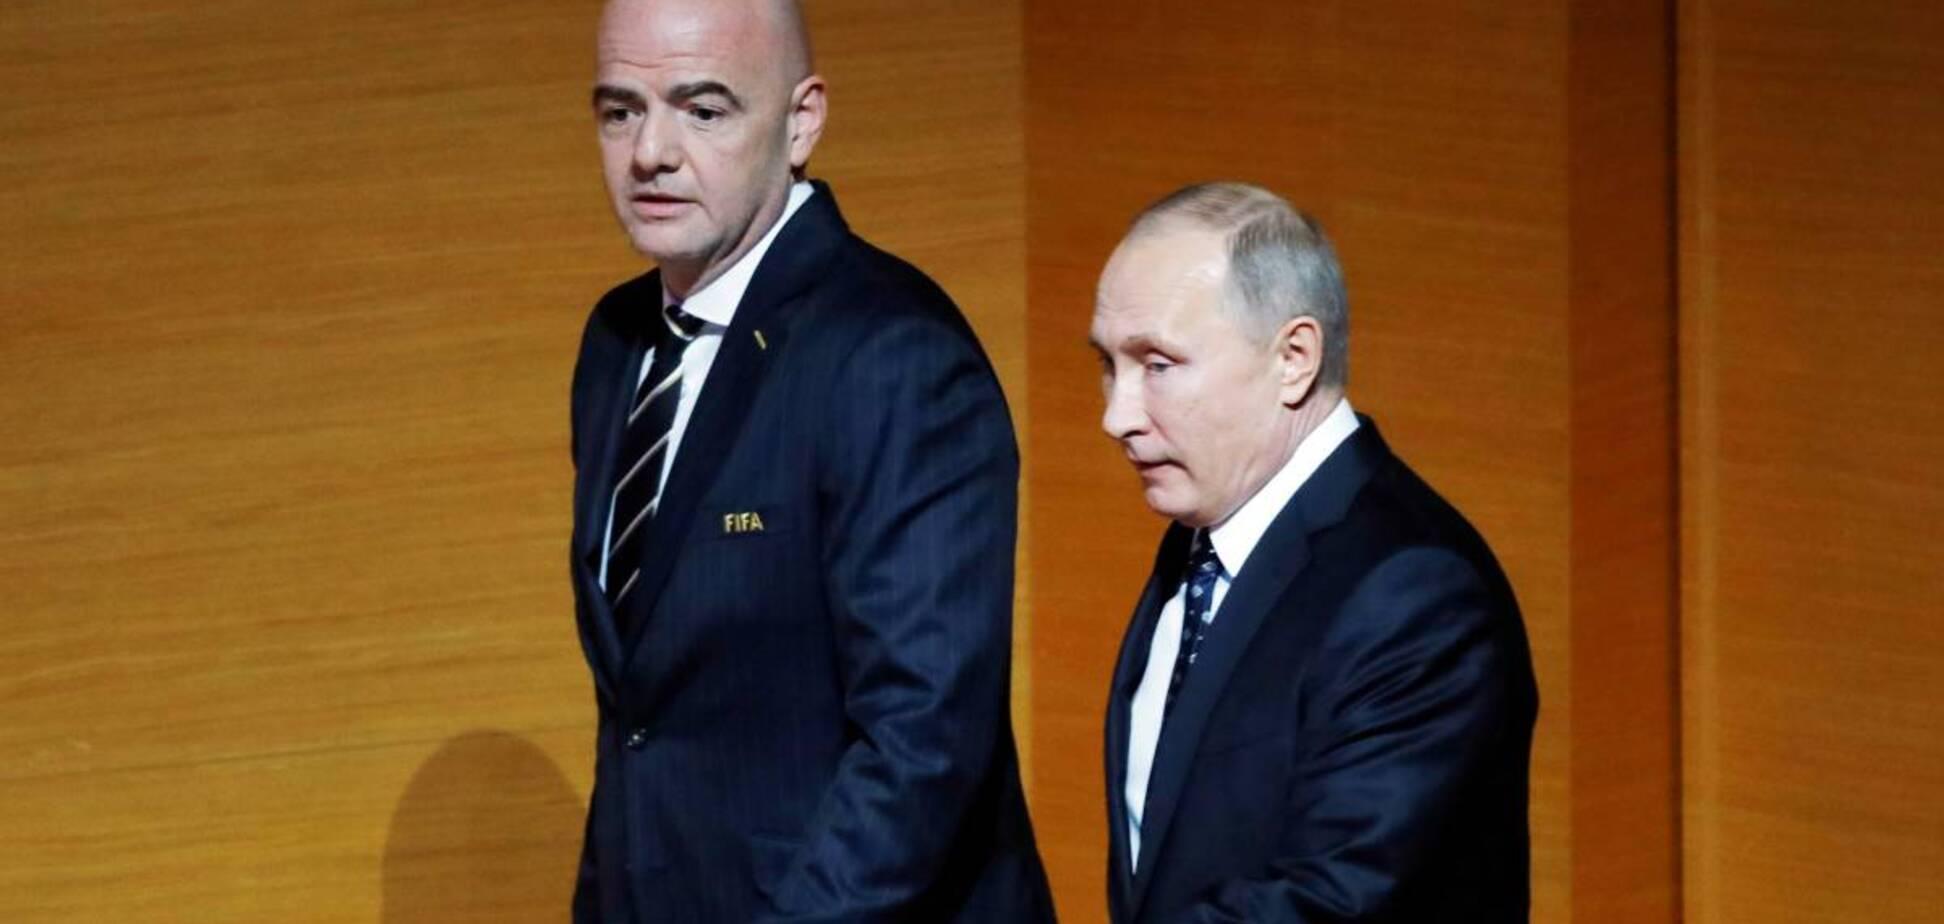 ФИФА в панике: в Испании высказались о бойкоте ЧМ-2018